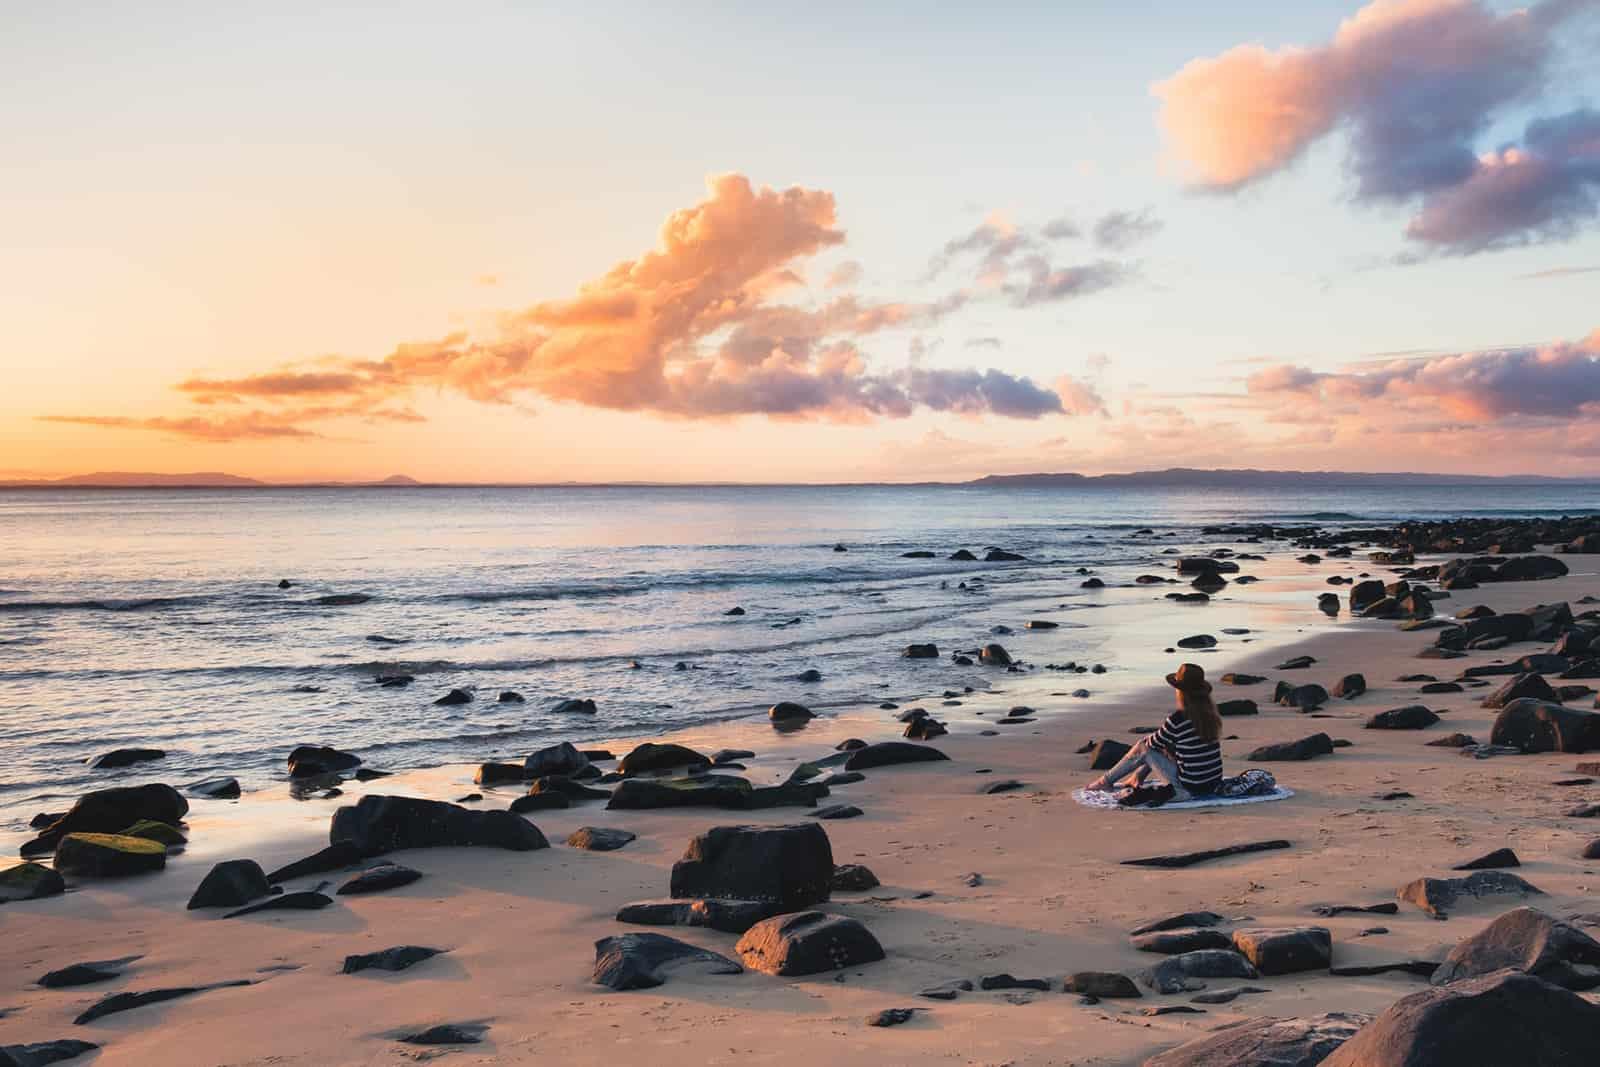 eine Frau, die am Strand sitzt und Sonnenuntergang beobachtet